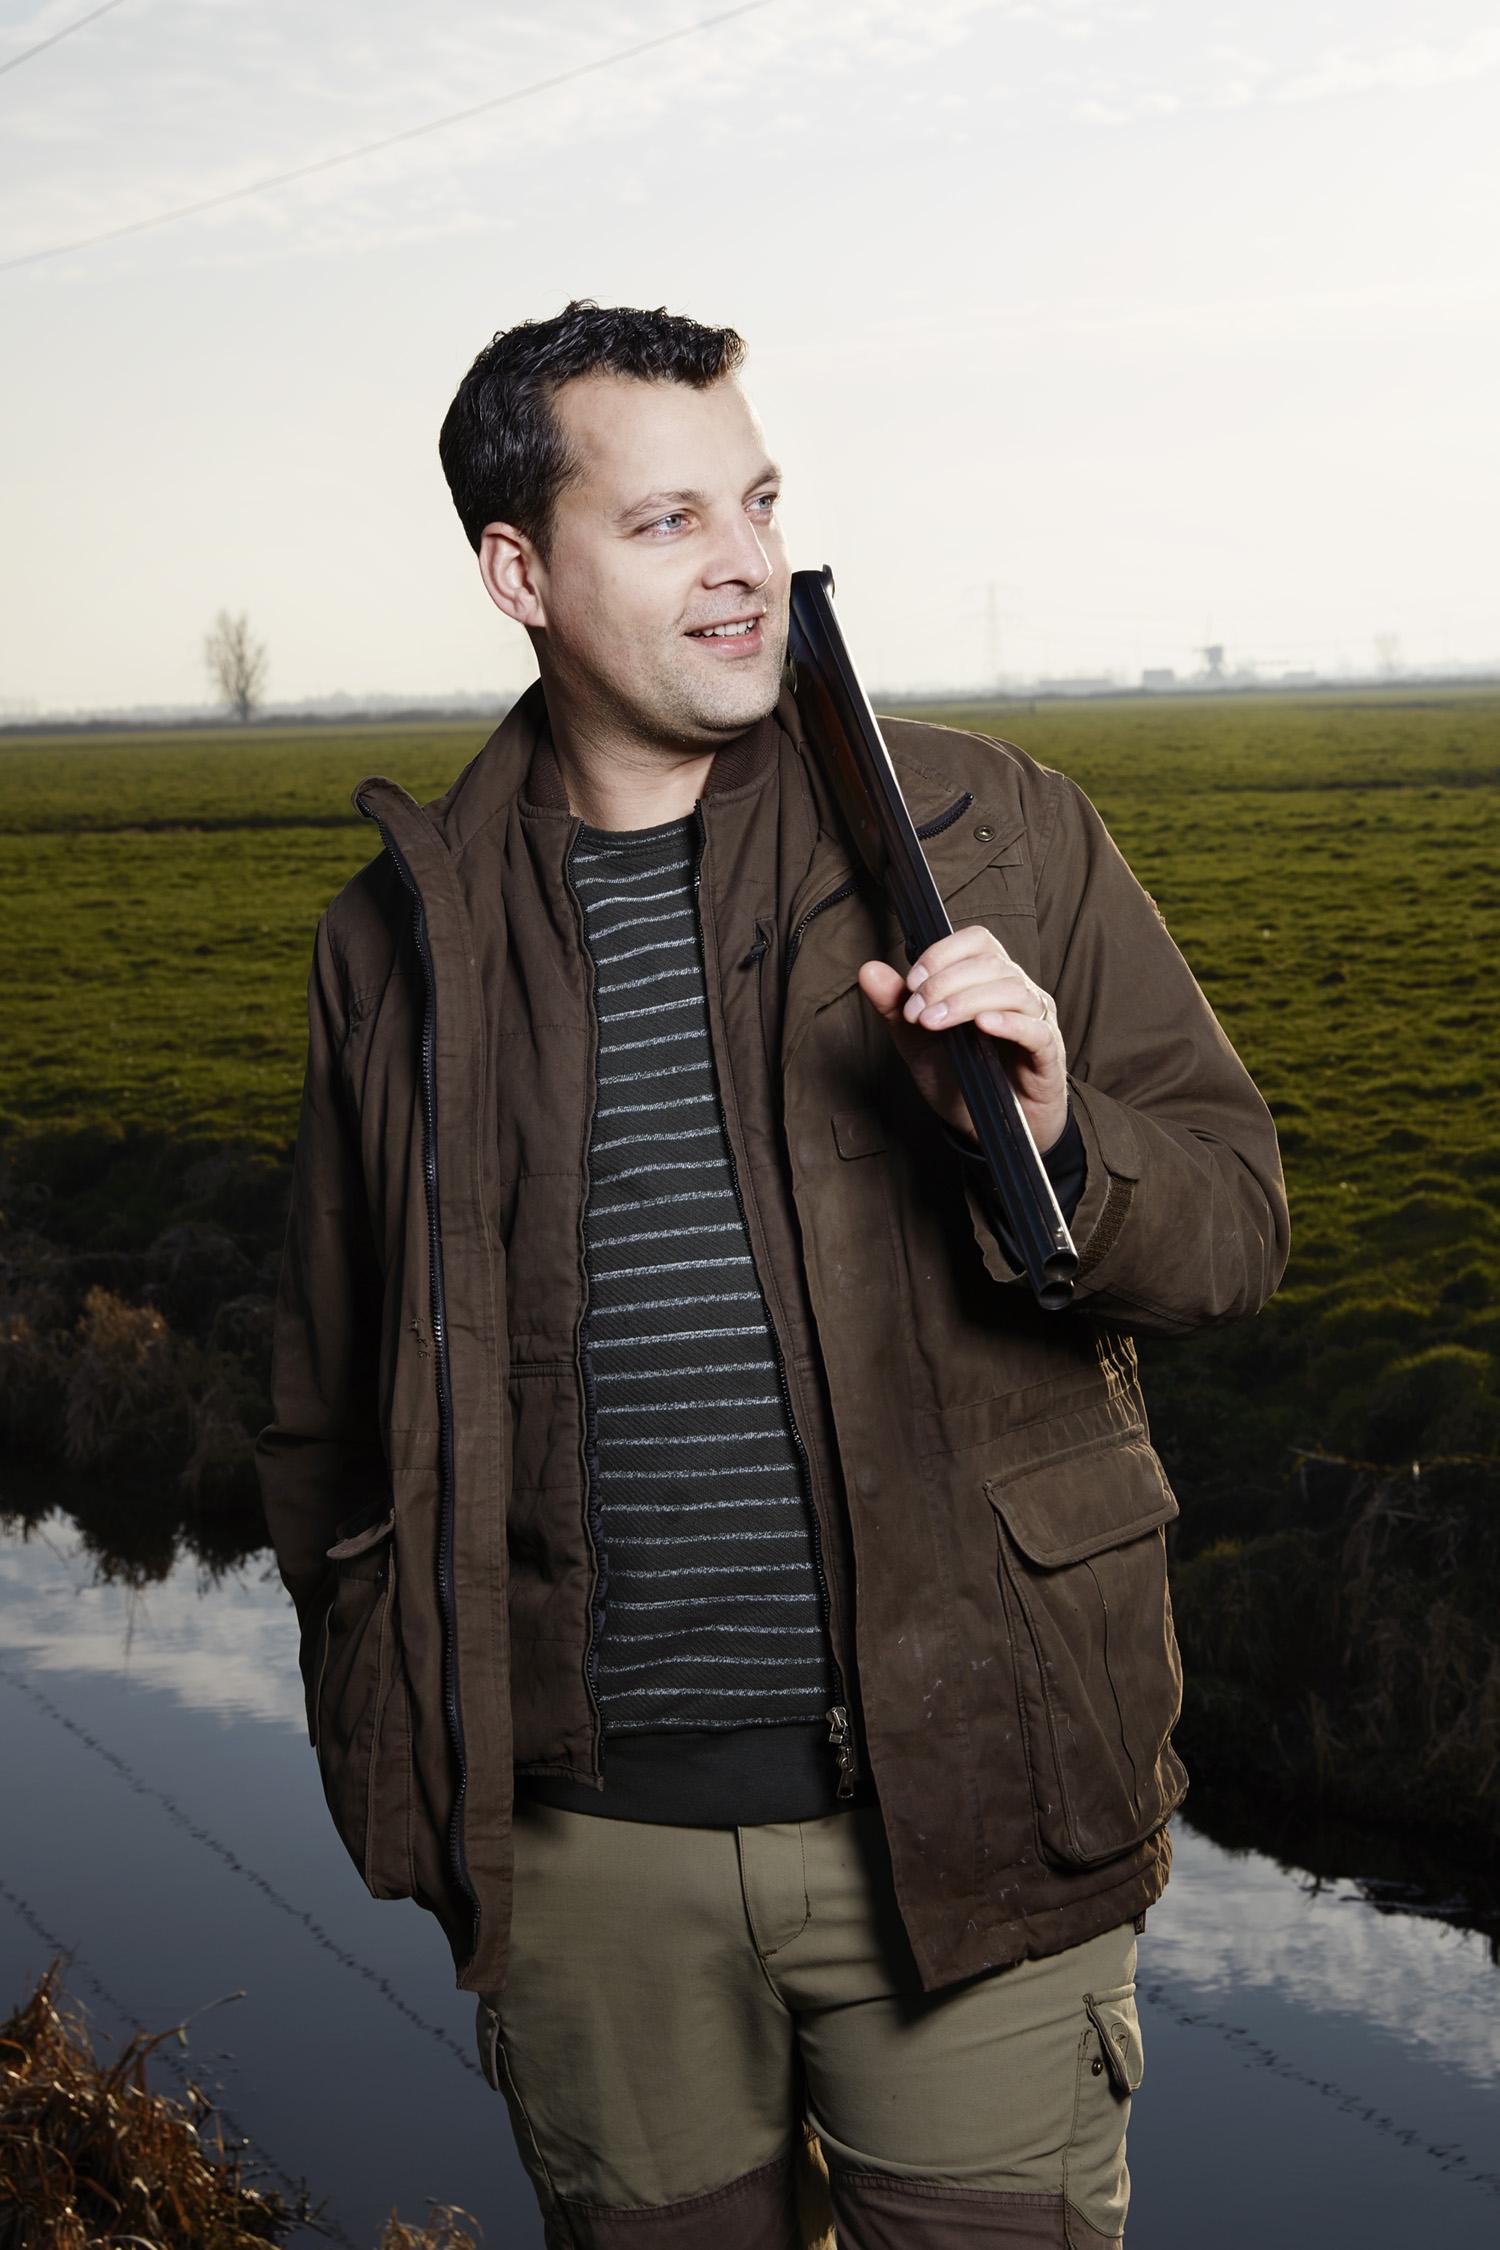 Klaas - Samen met Sjoerd de oprichter en eigenaar van Wild van Wild.Begonnen in de horeca als kok en gastheer, uiteindelijk afgestudeerd aan de VU.Klaas is verantwoordelijk voor de bedrijfsvoering, financiën en personeel.